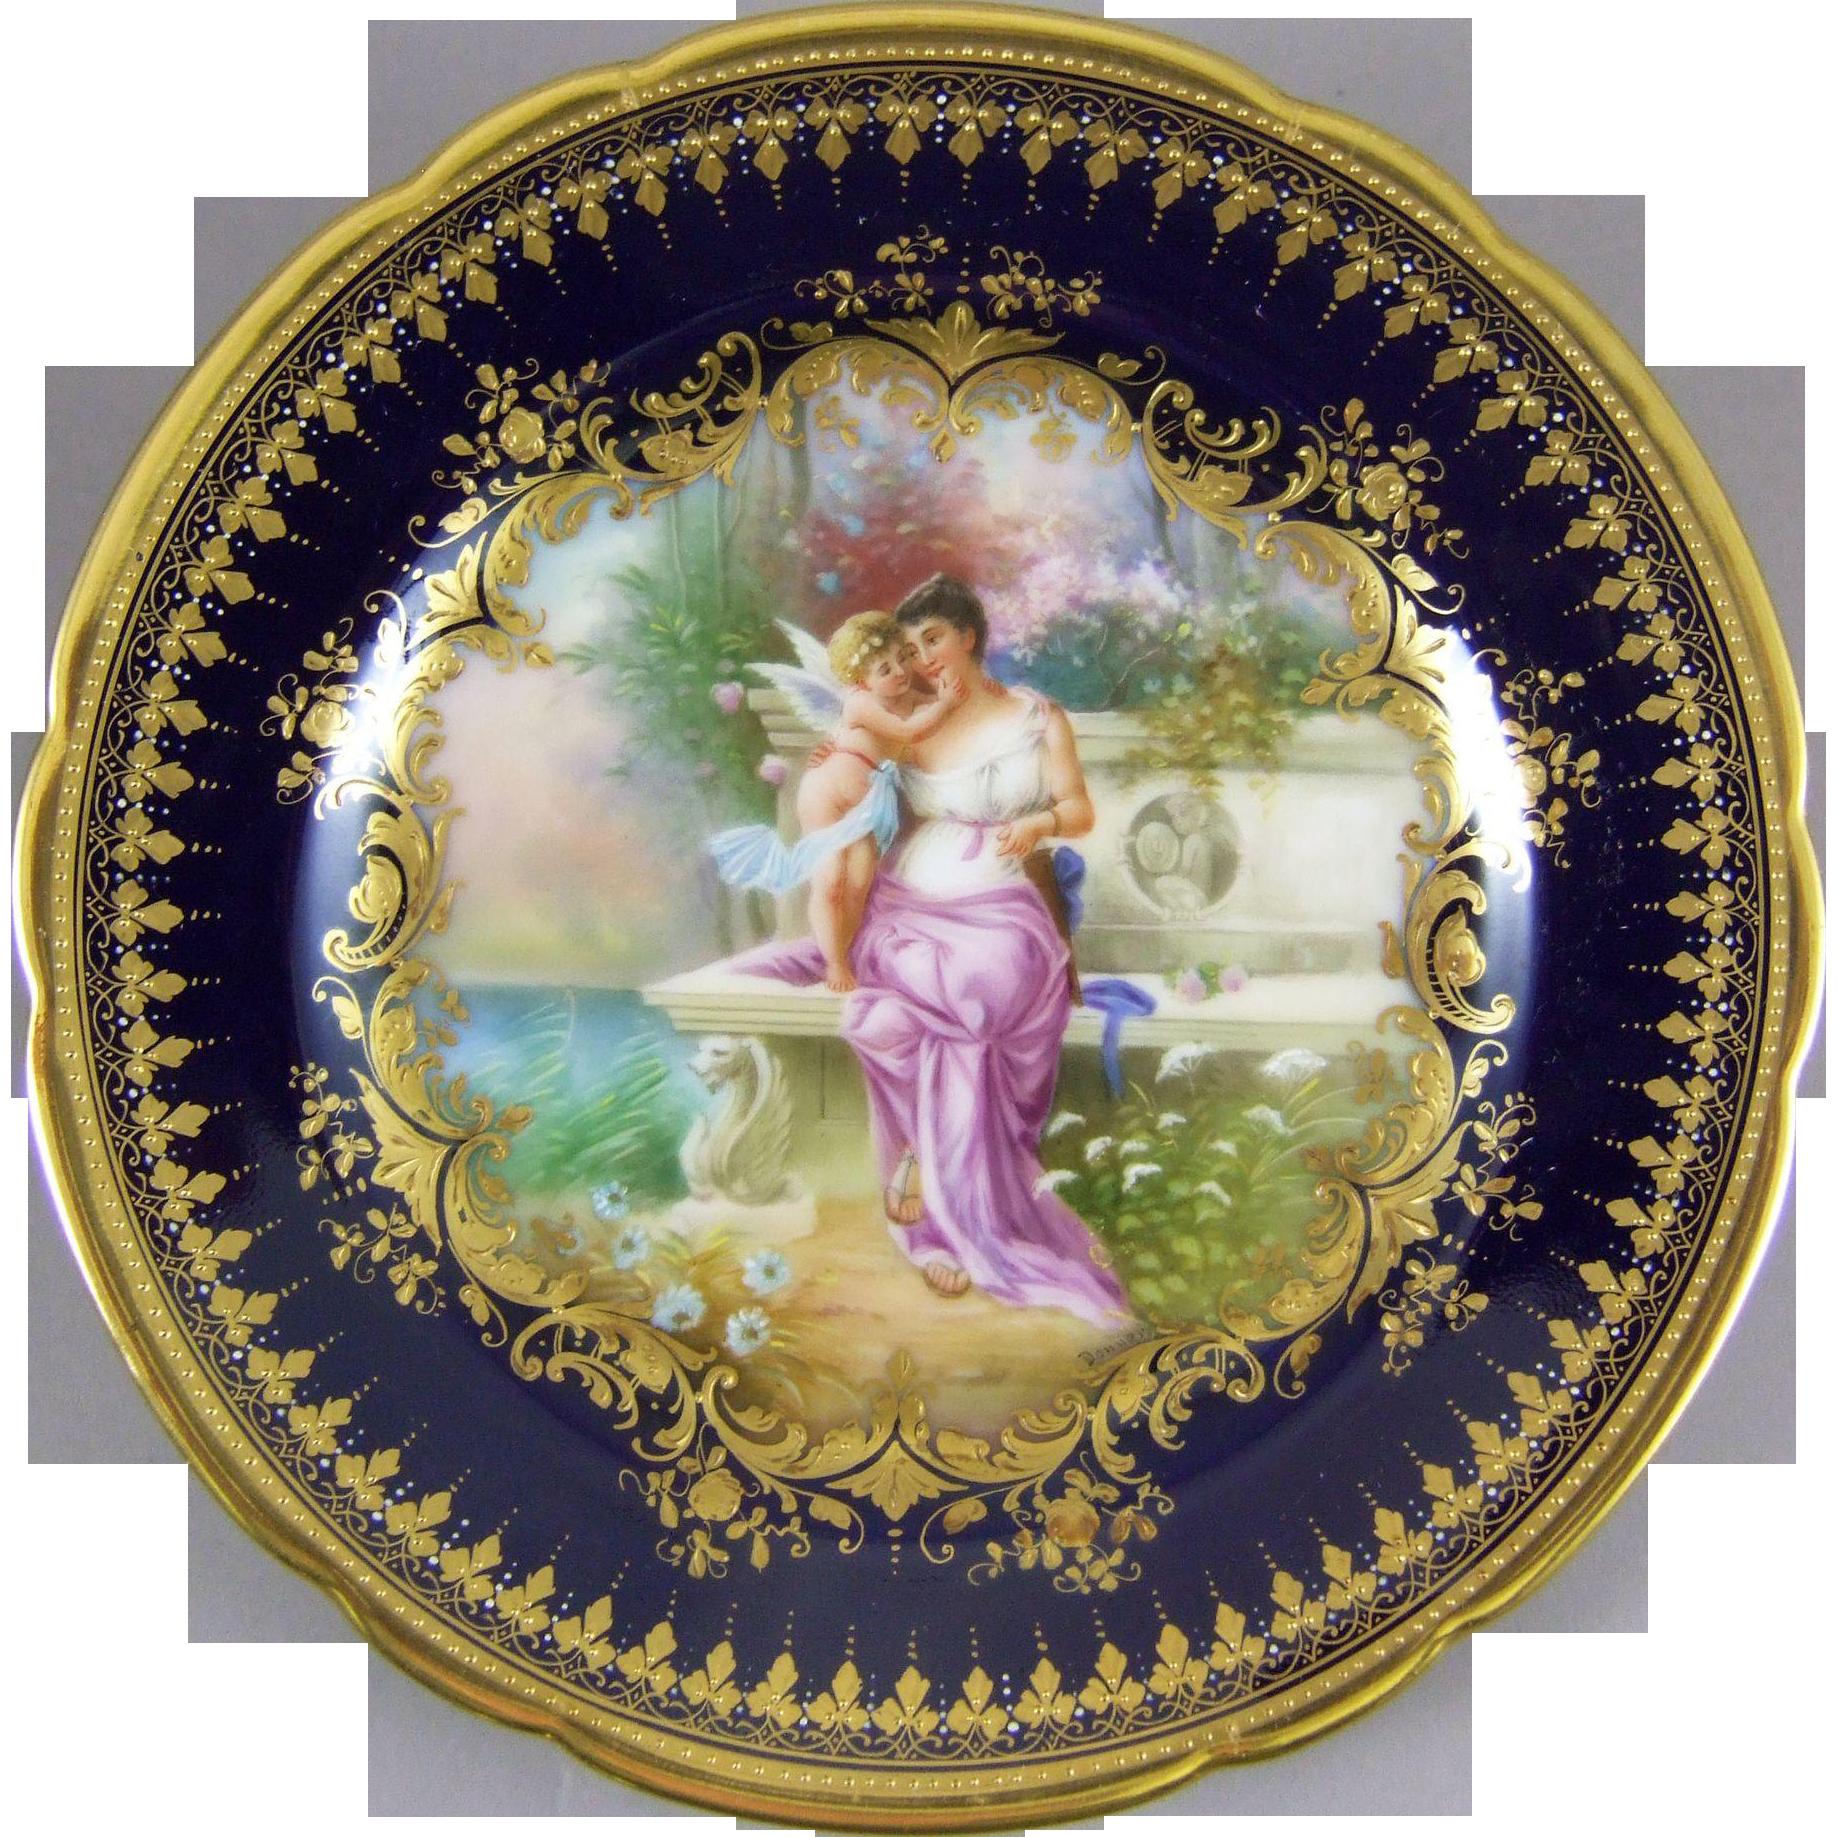 Ambrosius Lamm Dresden Germany Hand Painted Porcelain Cabinet Plate with Hans Zatzka Decoration - Du Bist Mein !